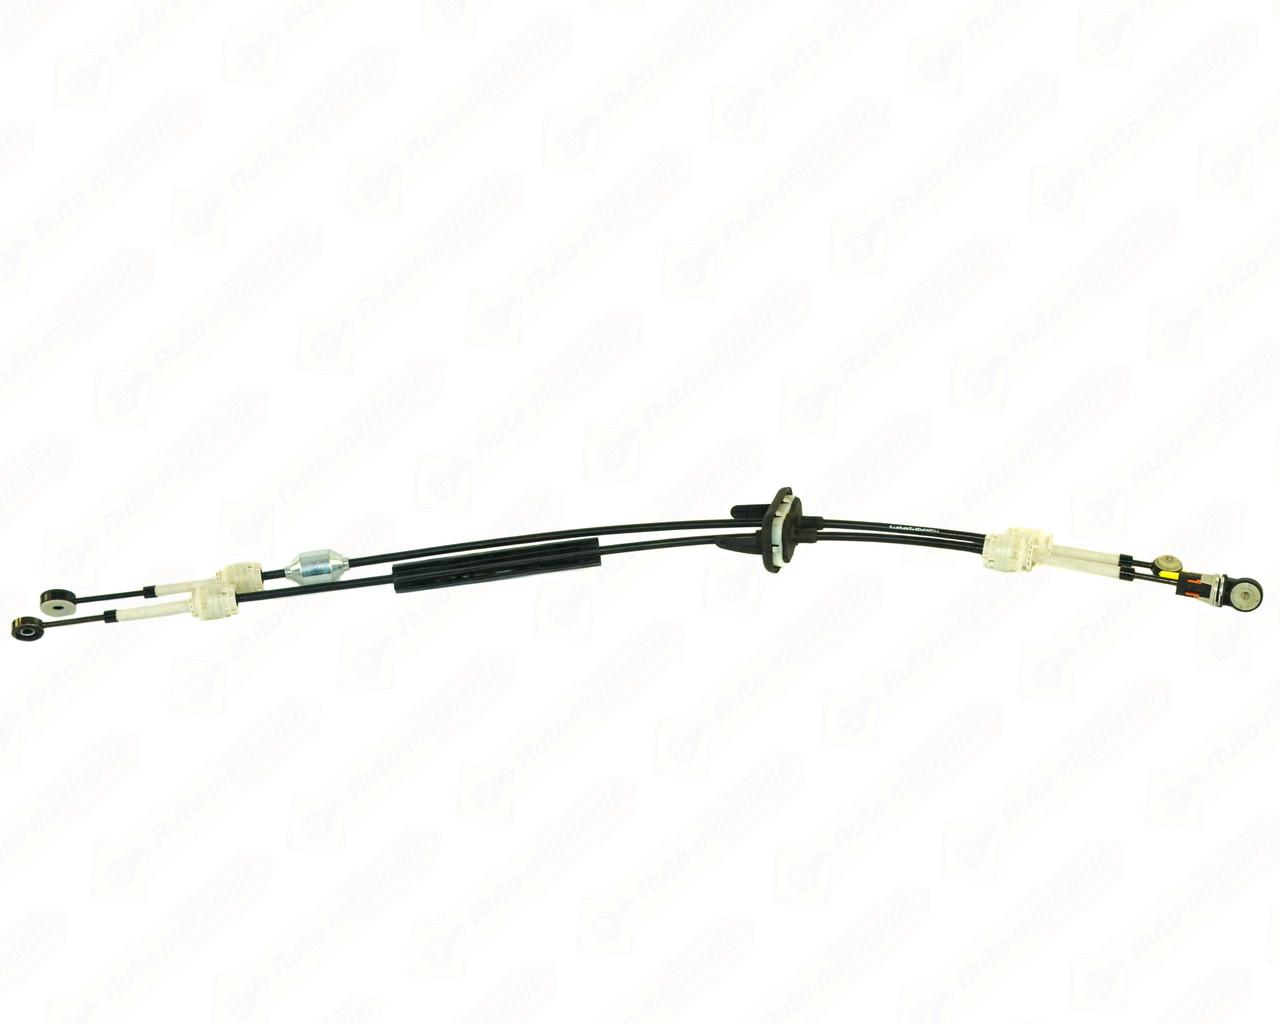 Троси перемикання передач на Renault Master II 2003-> 2010 2.5 dCi — AutoTechteile - 5060301